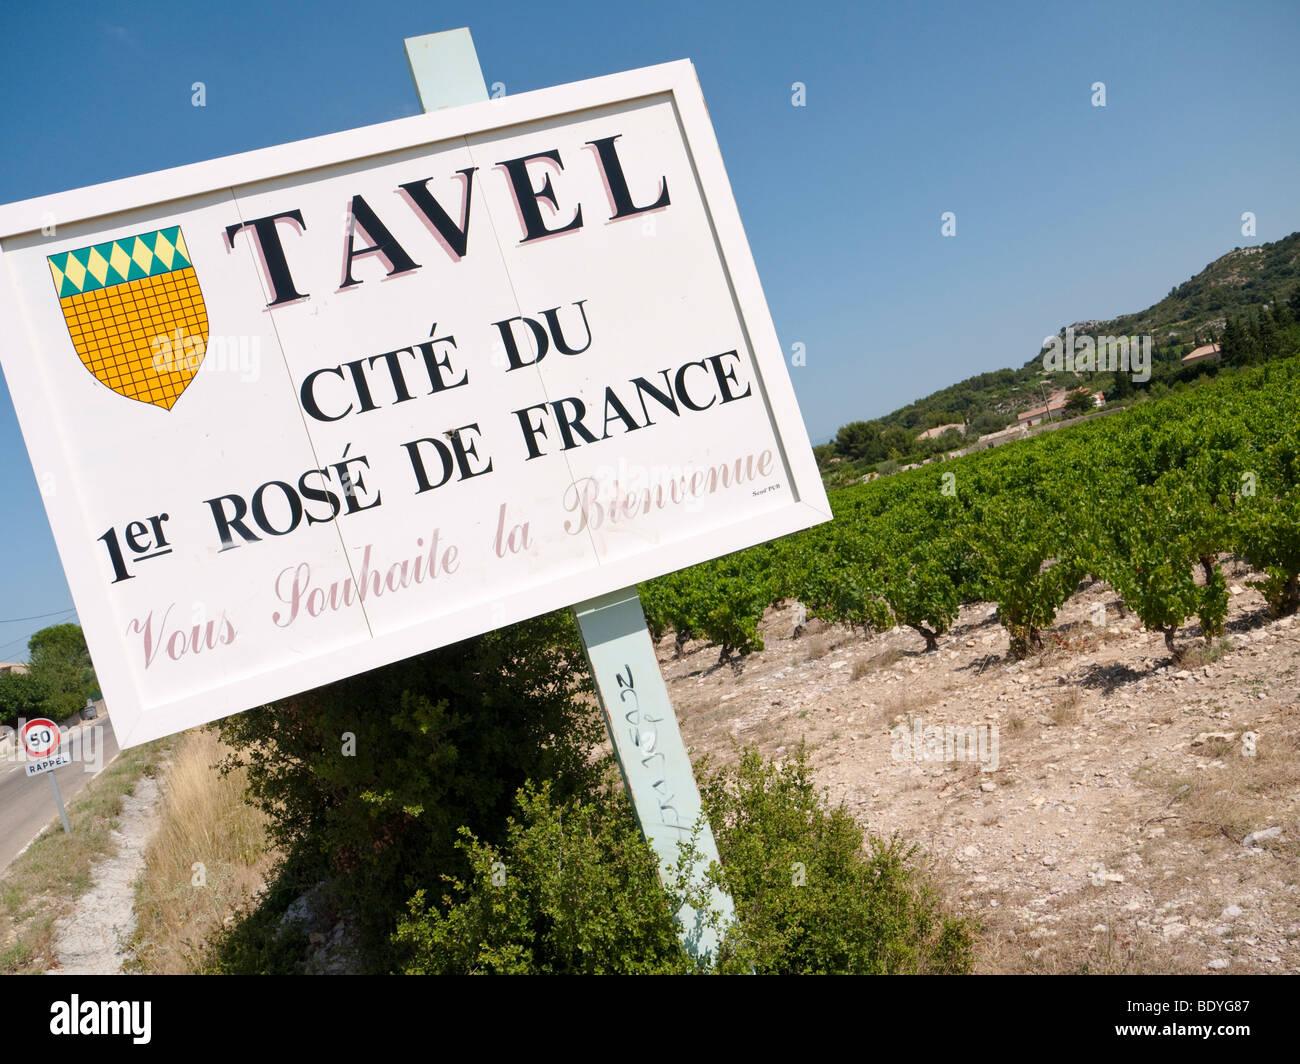 Un cartello oltre ad una vigna annuncia i rinomati vini rosati di Tavel. Immagini Stock